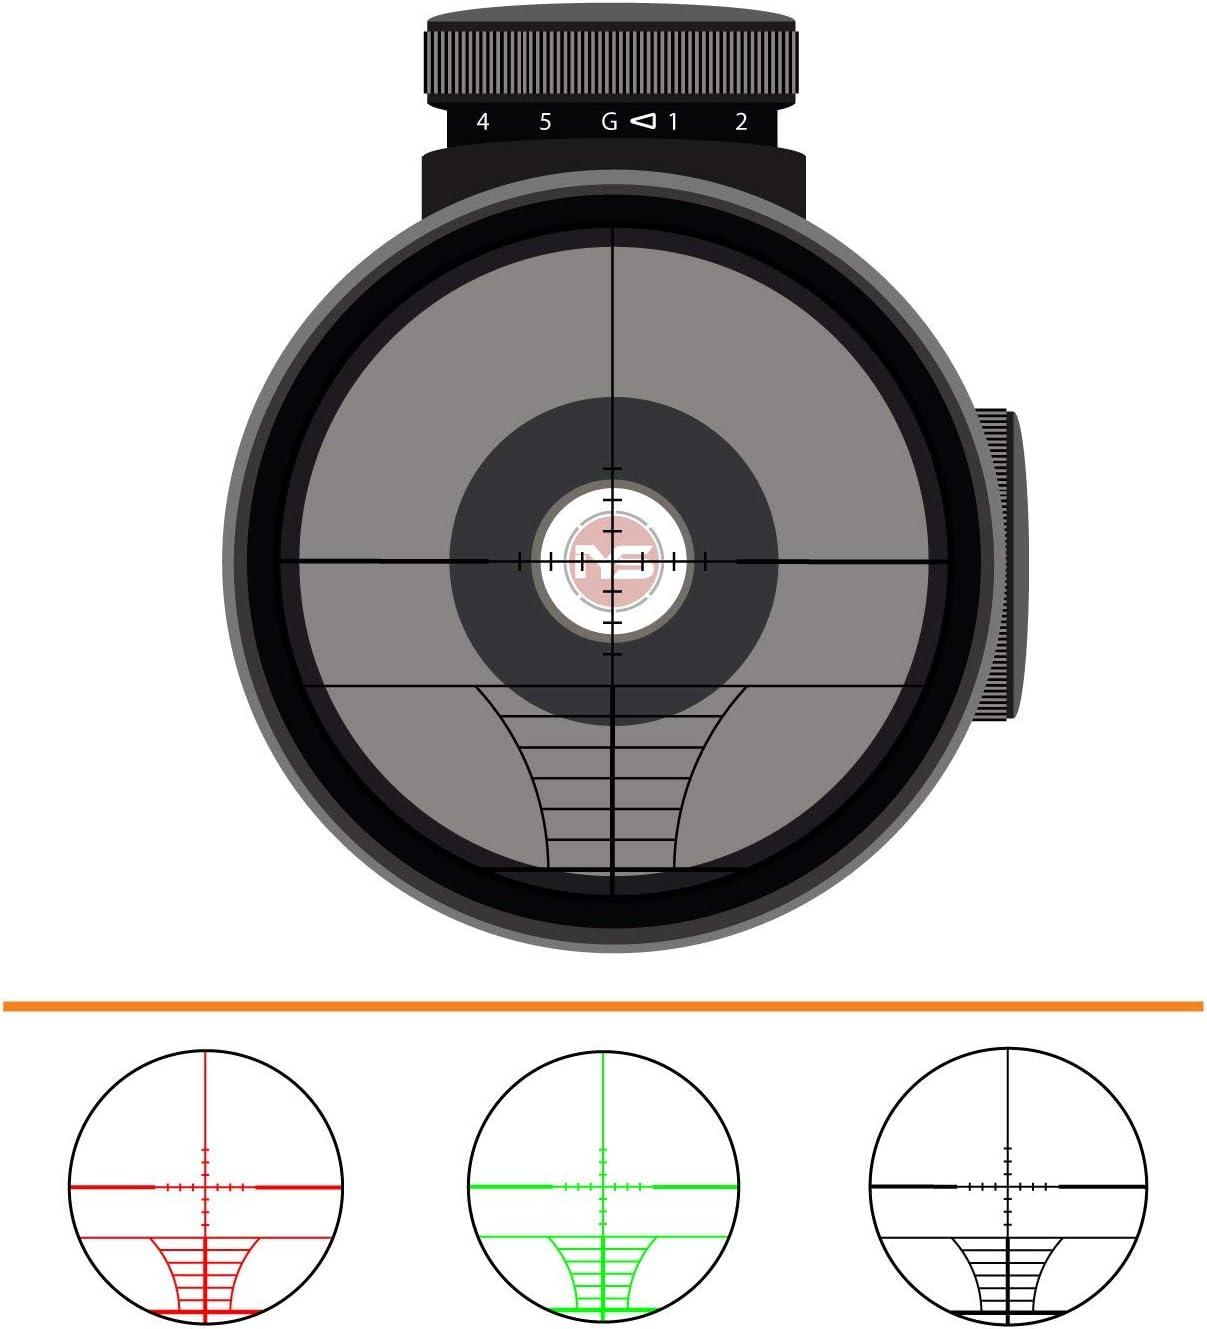 Votre Sights 3-9x40 Lunette de vis/ée avec tactique Rails compatible avec queue daronde et TISSERIN rails